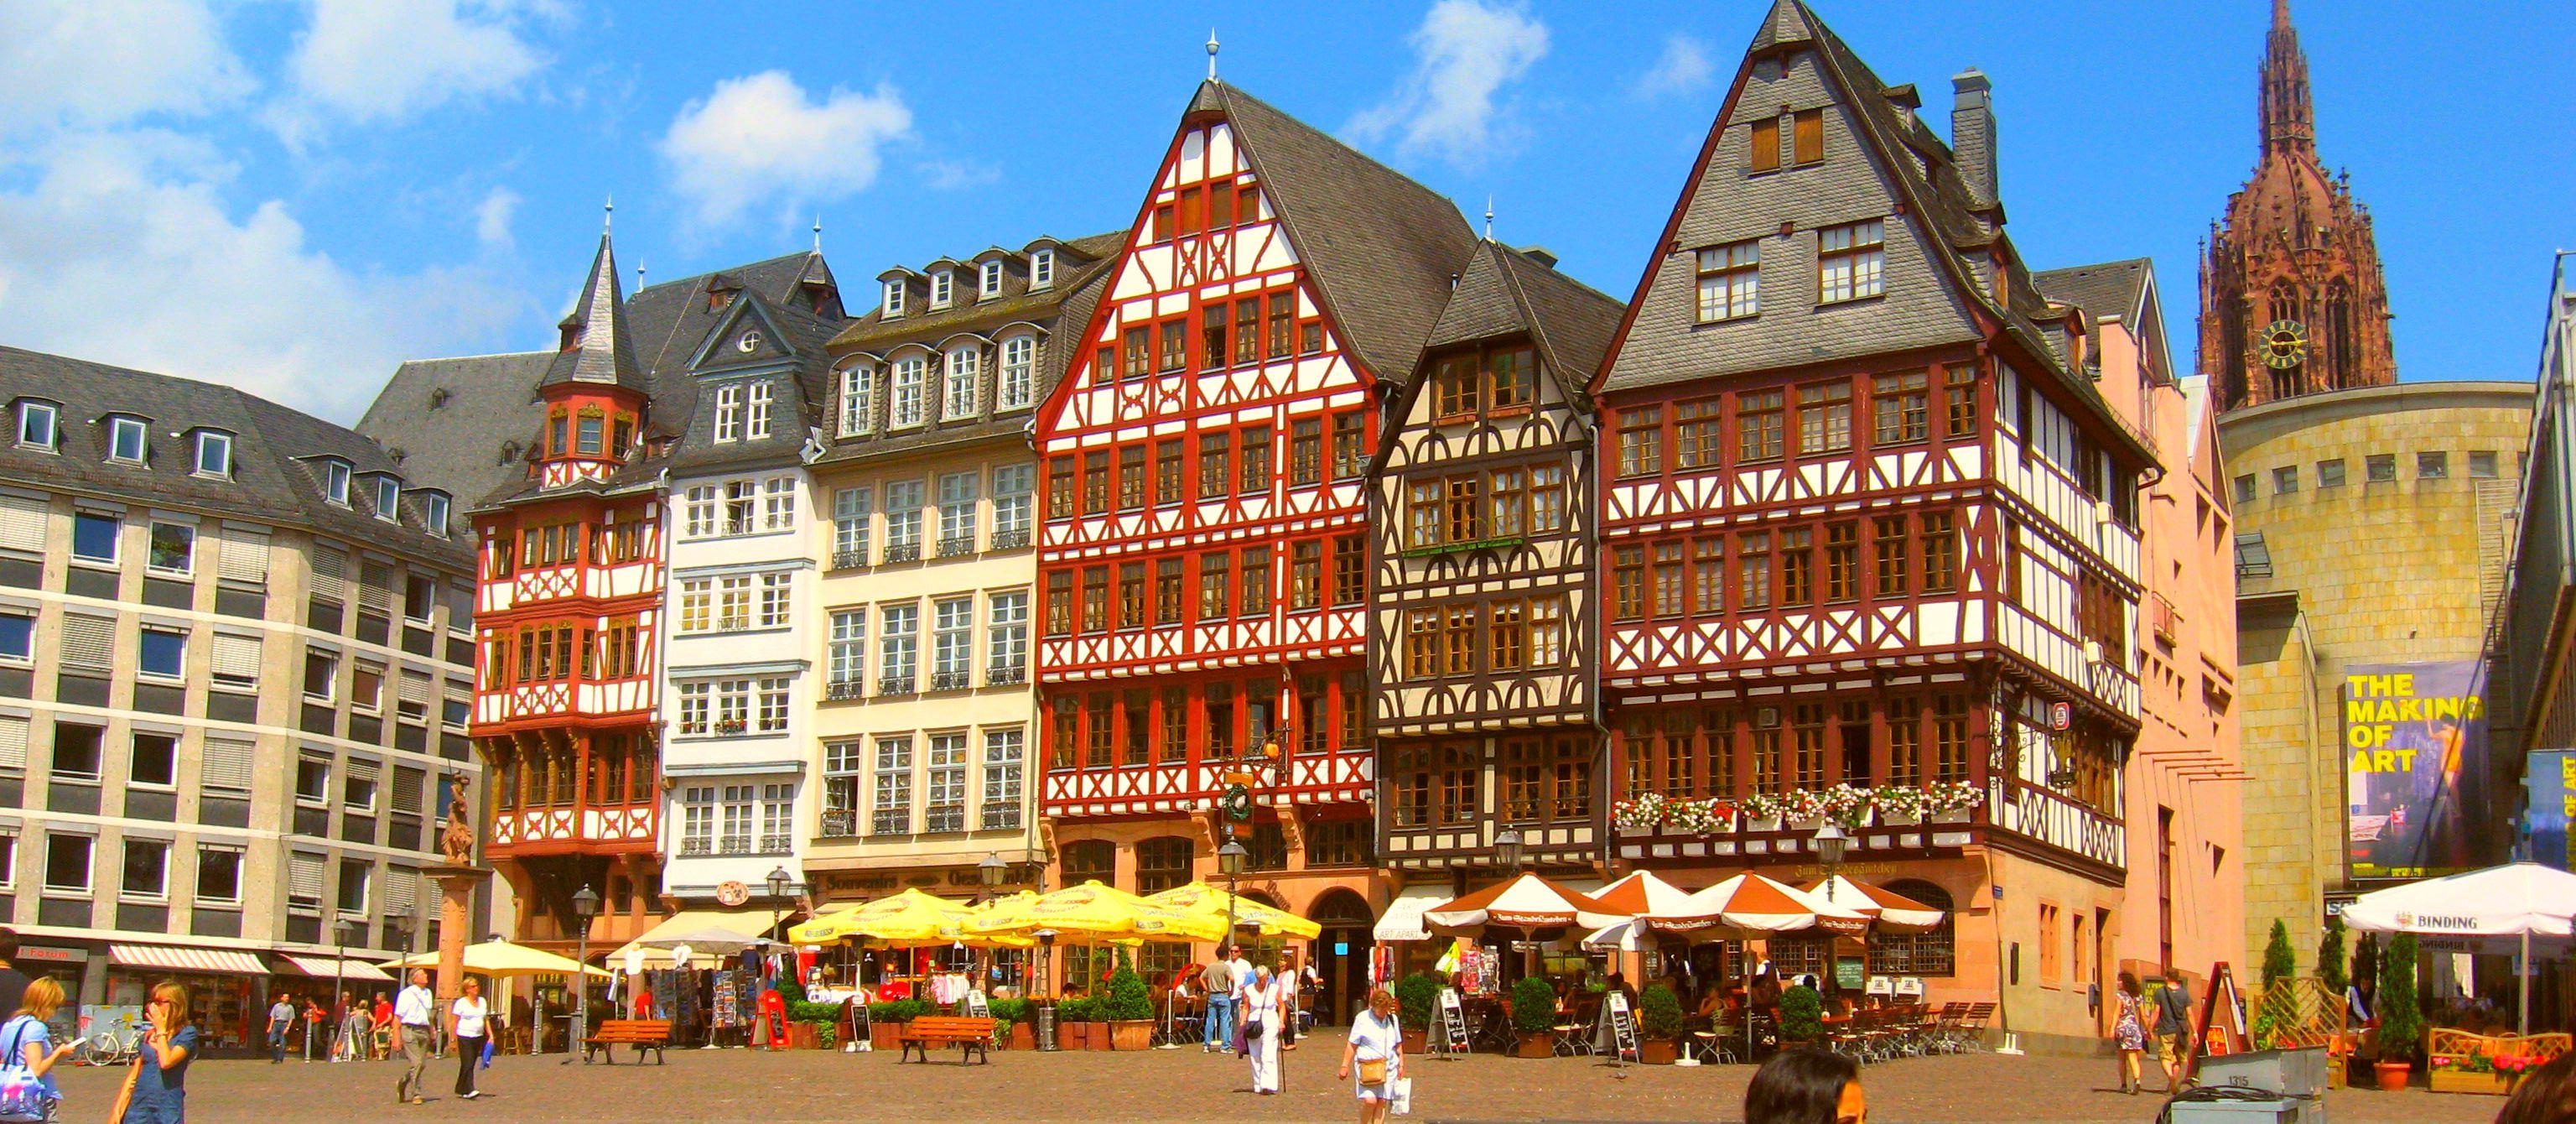 Αγαπημένα μέρη στην Φρανκφούρτη